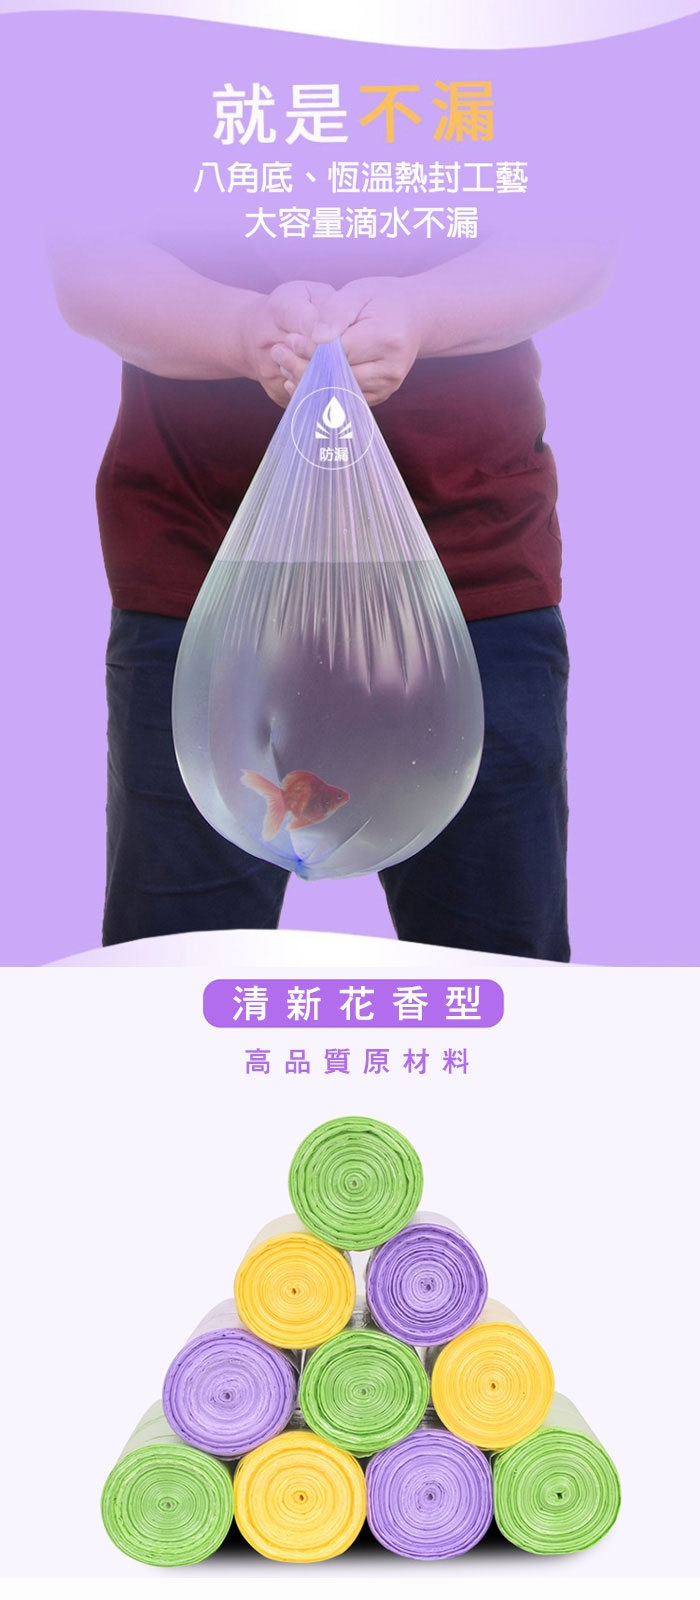 神膚奇肌台灣製香水清潔垃圾袋-檸檬